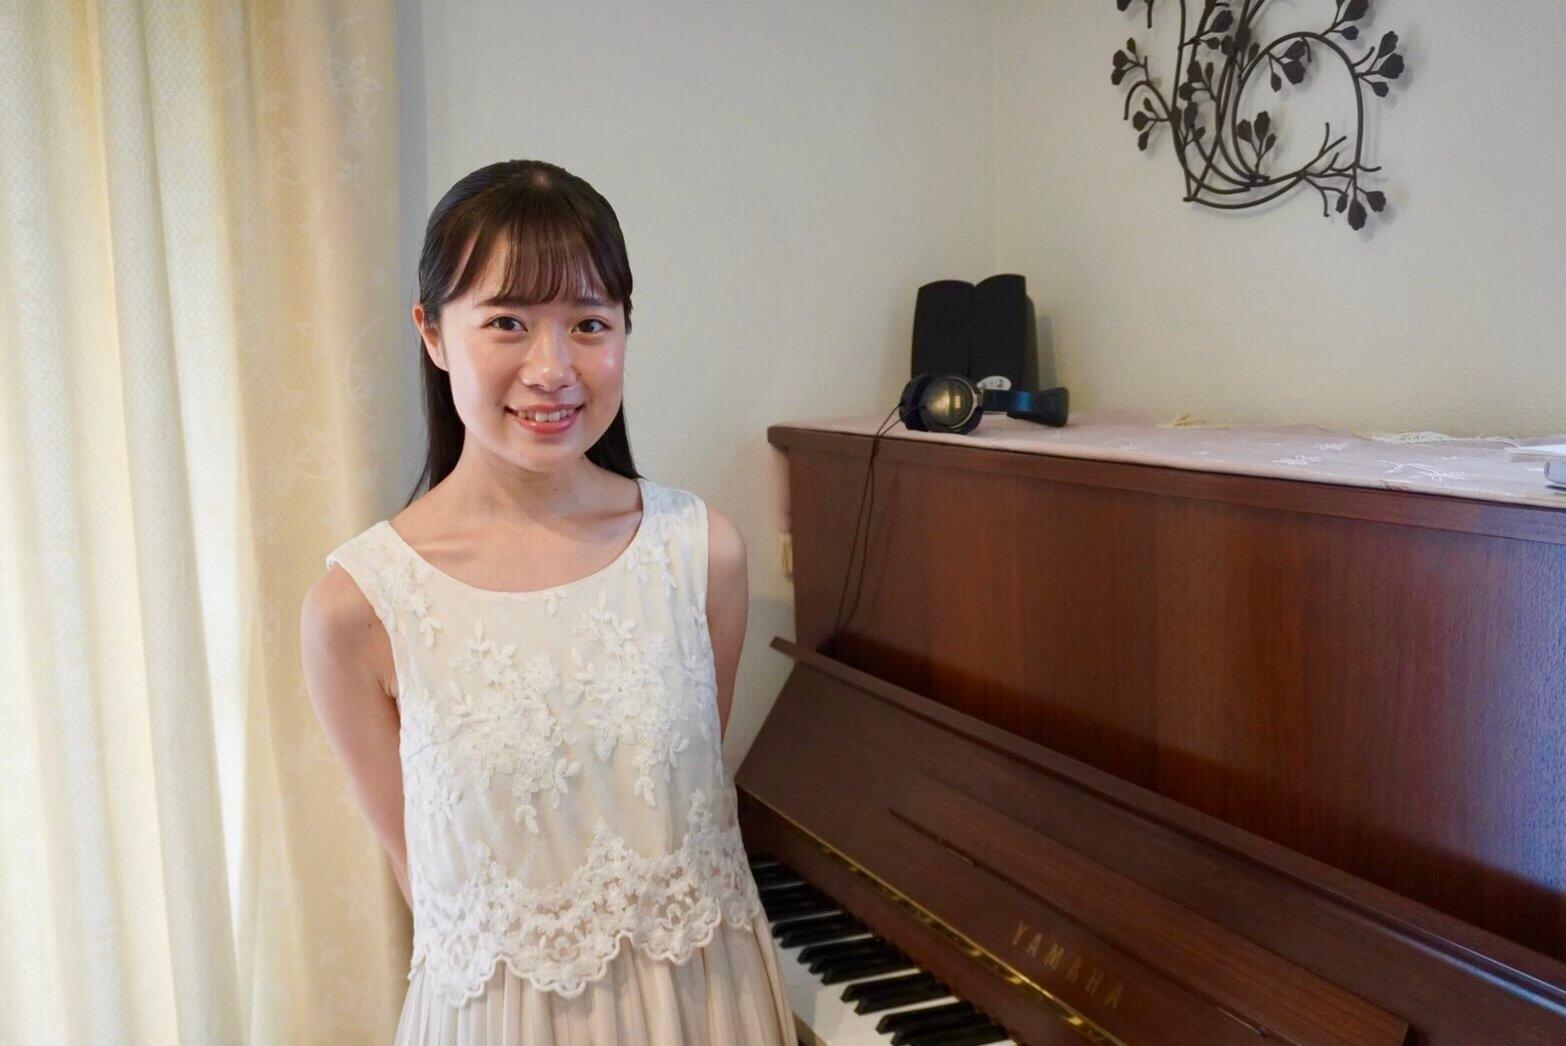 小太刀瑞姫プロフィール画像